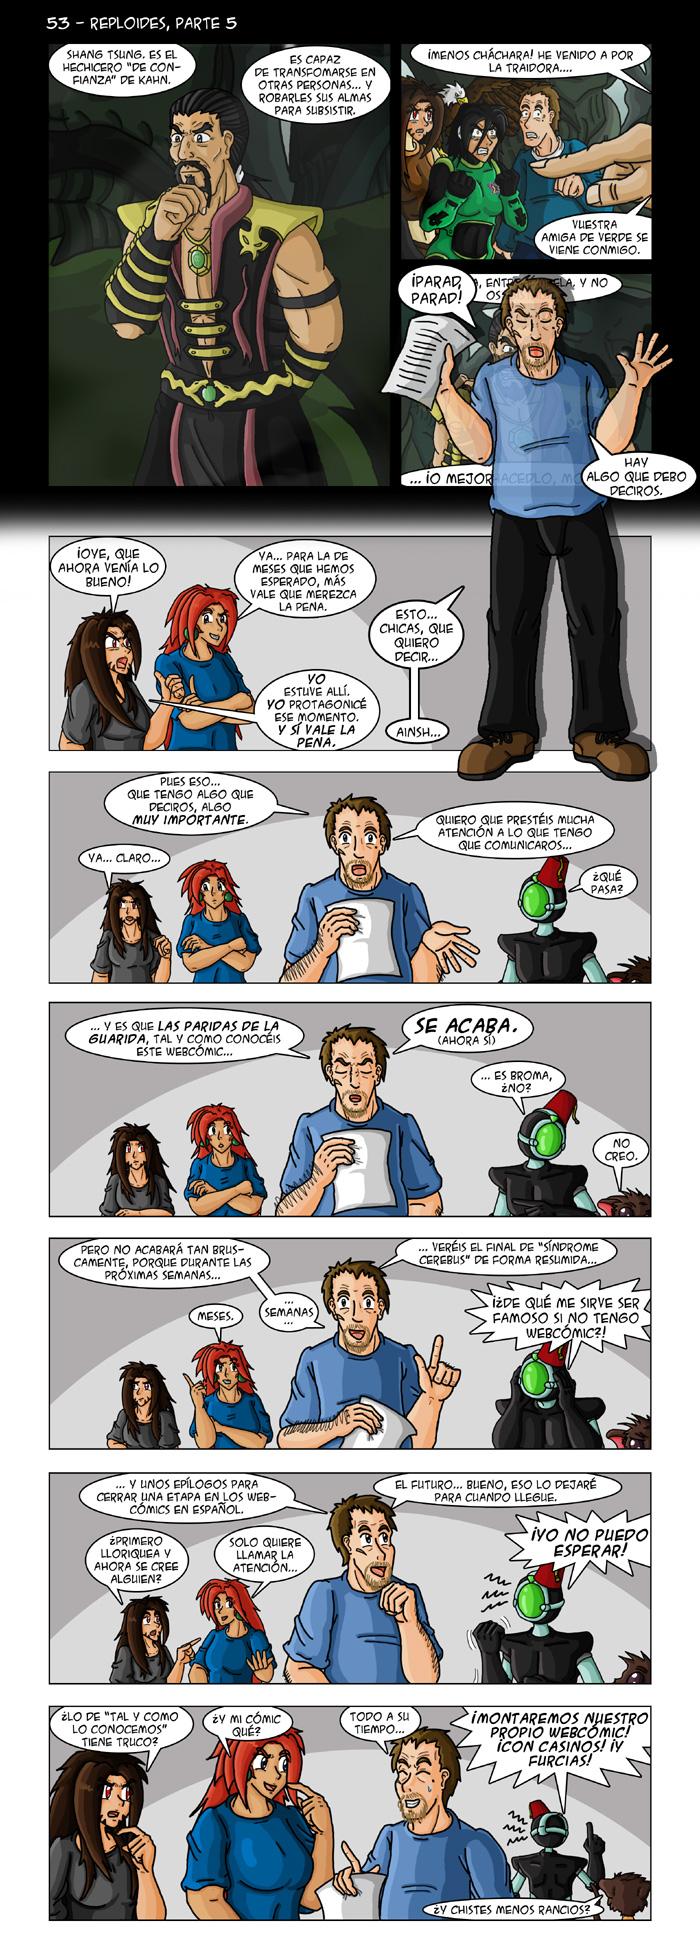 53 – Reploides, parte 5